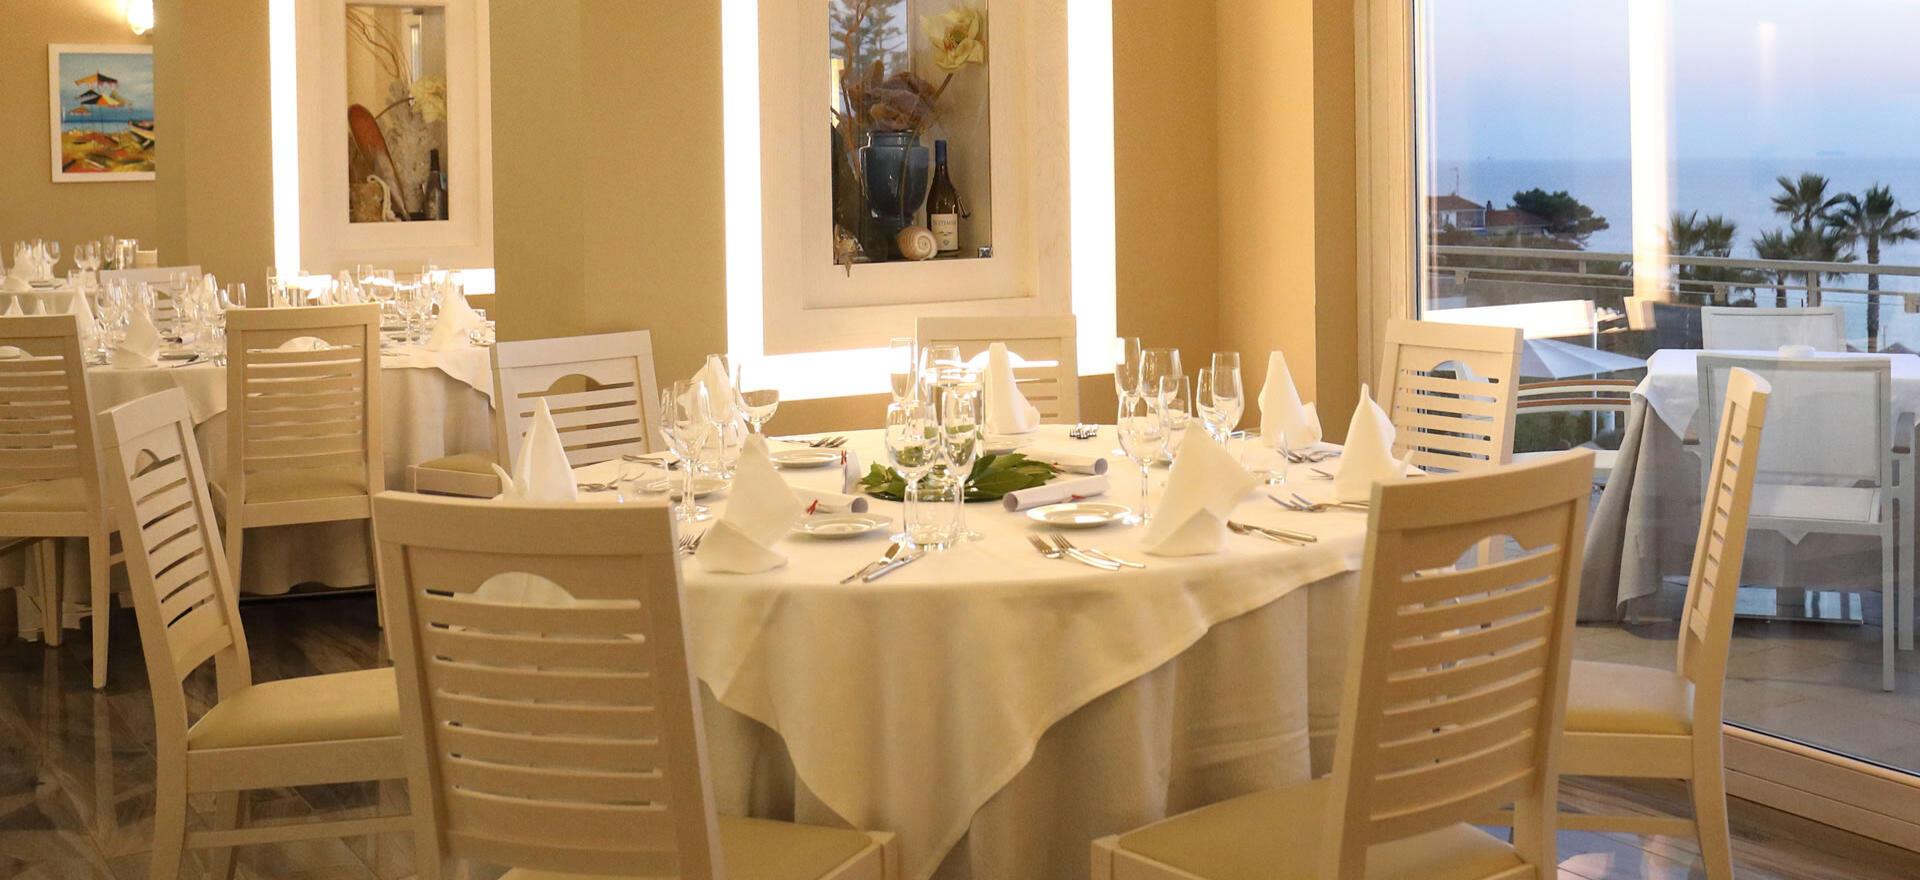 borgodonnacanfora en location-events-calabria 001